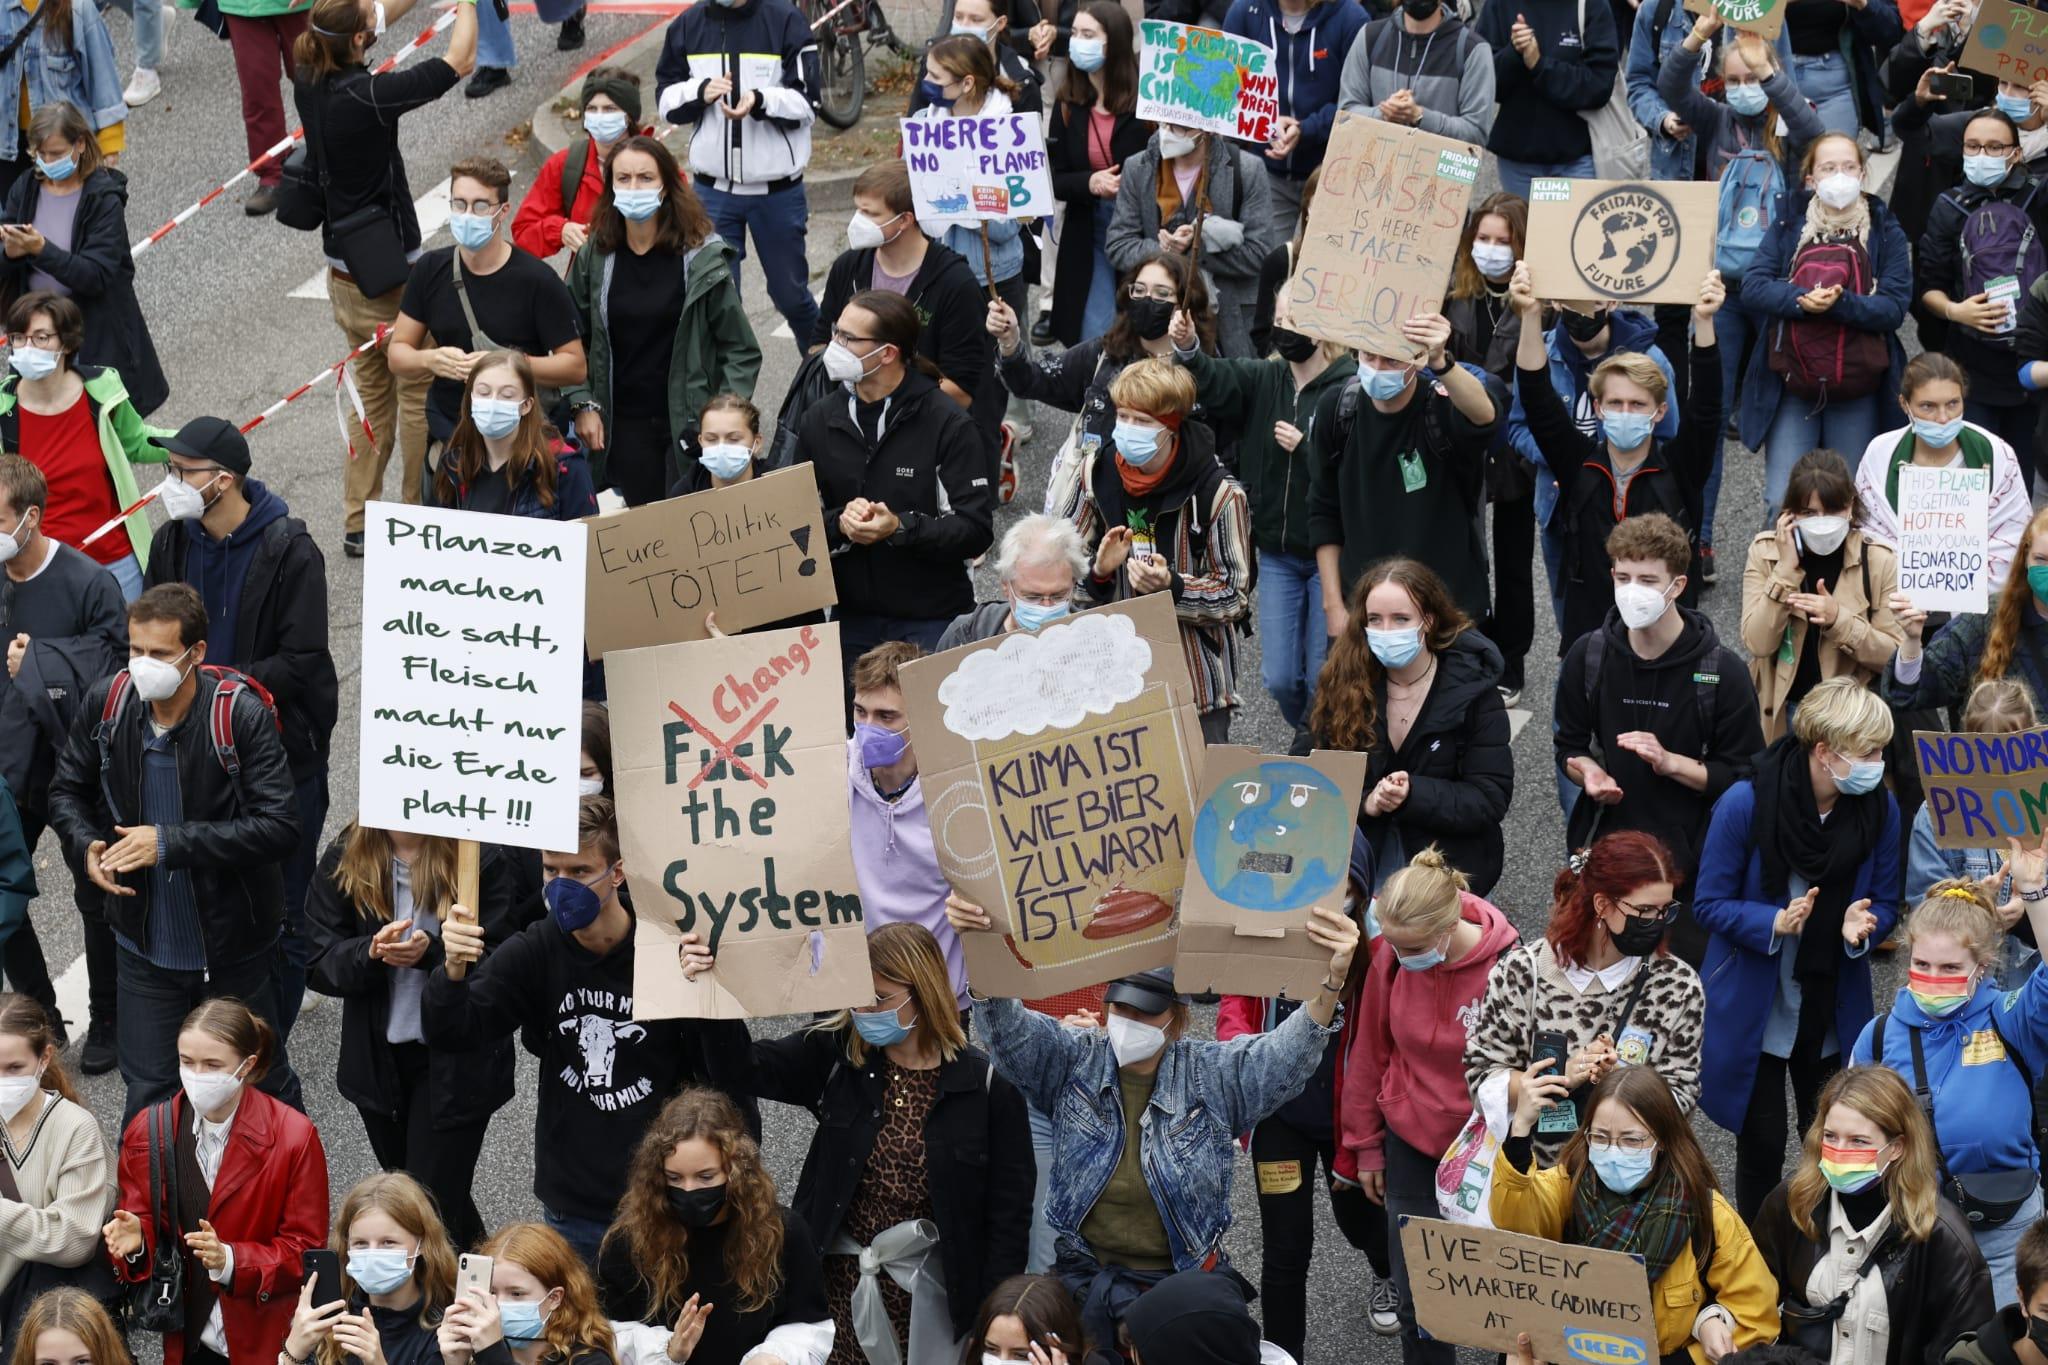 Teilnehmer:innen beim Klimastreik in Hamburg.